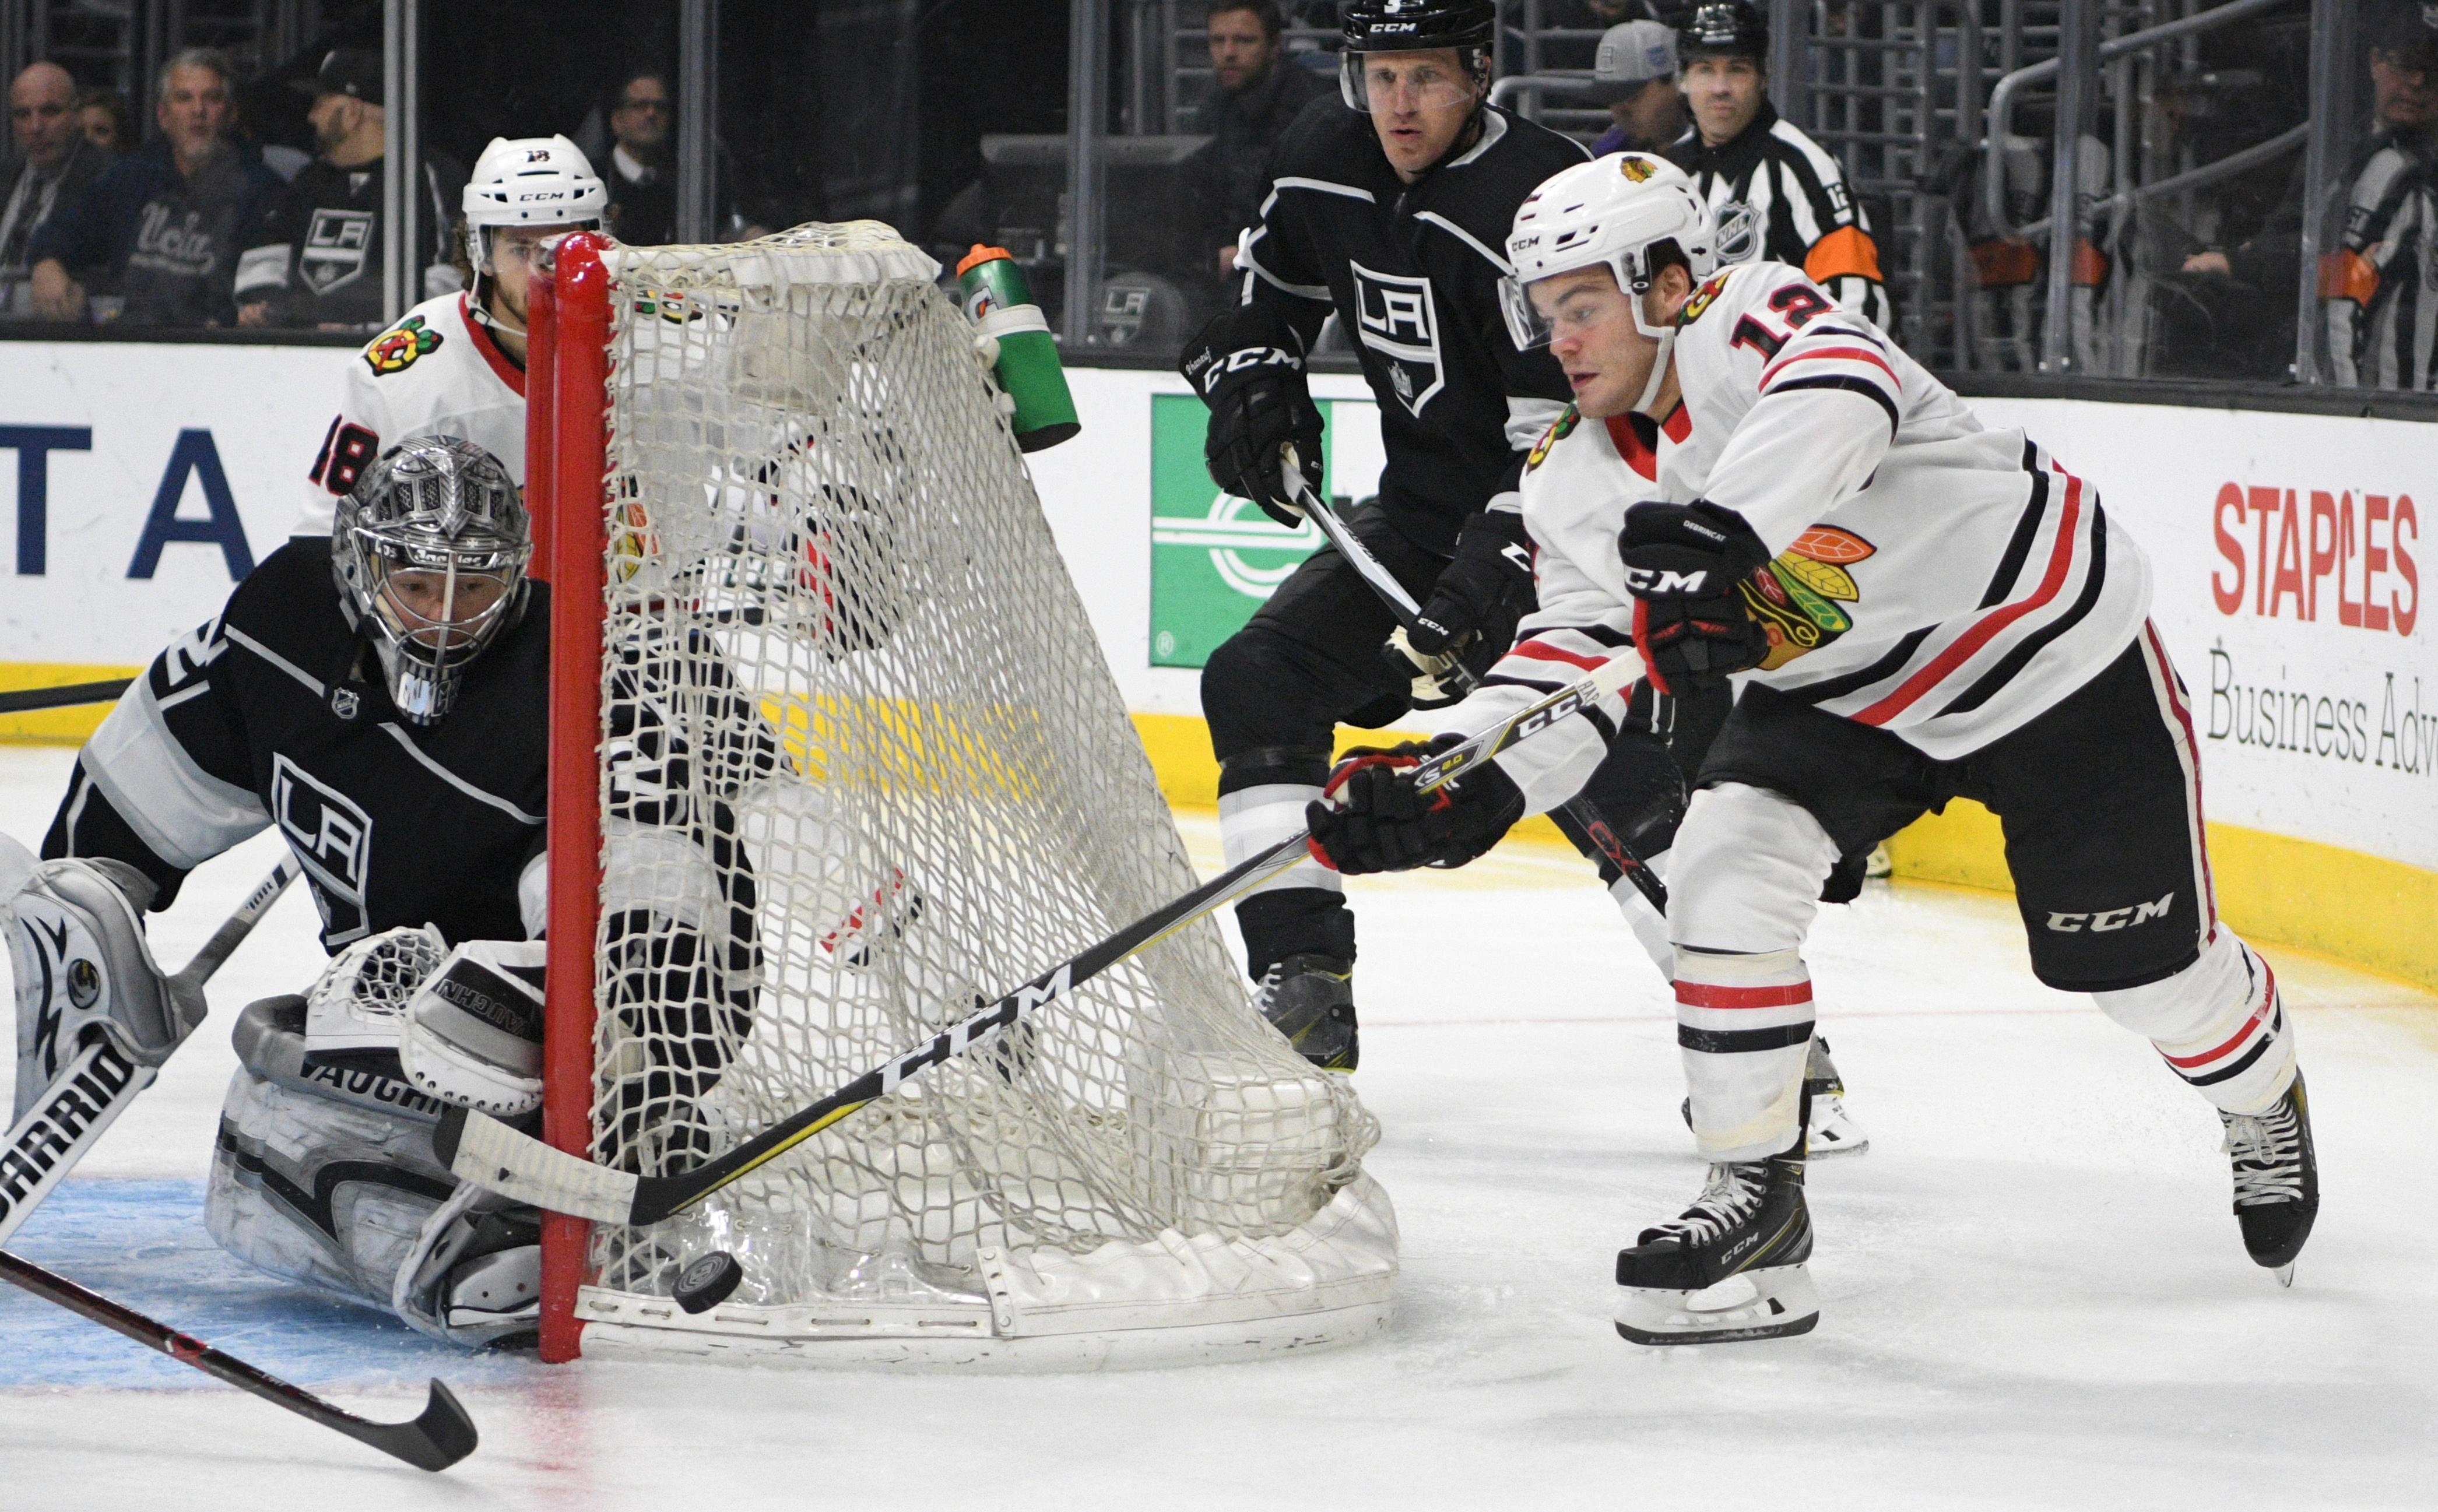 Blackhawks_wrapup_hockey_29707